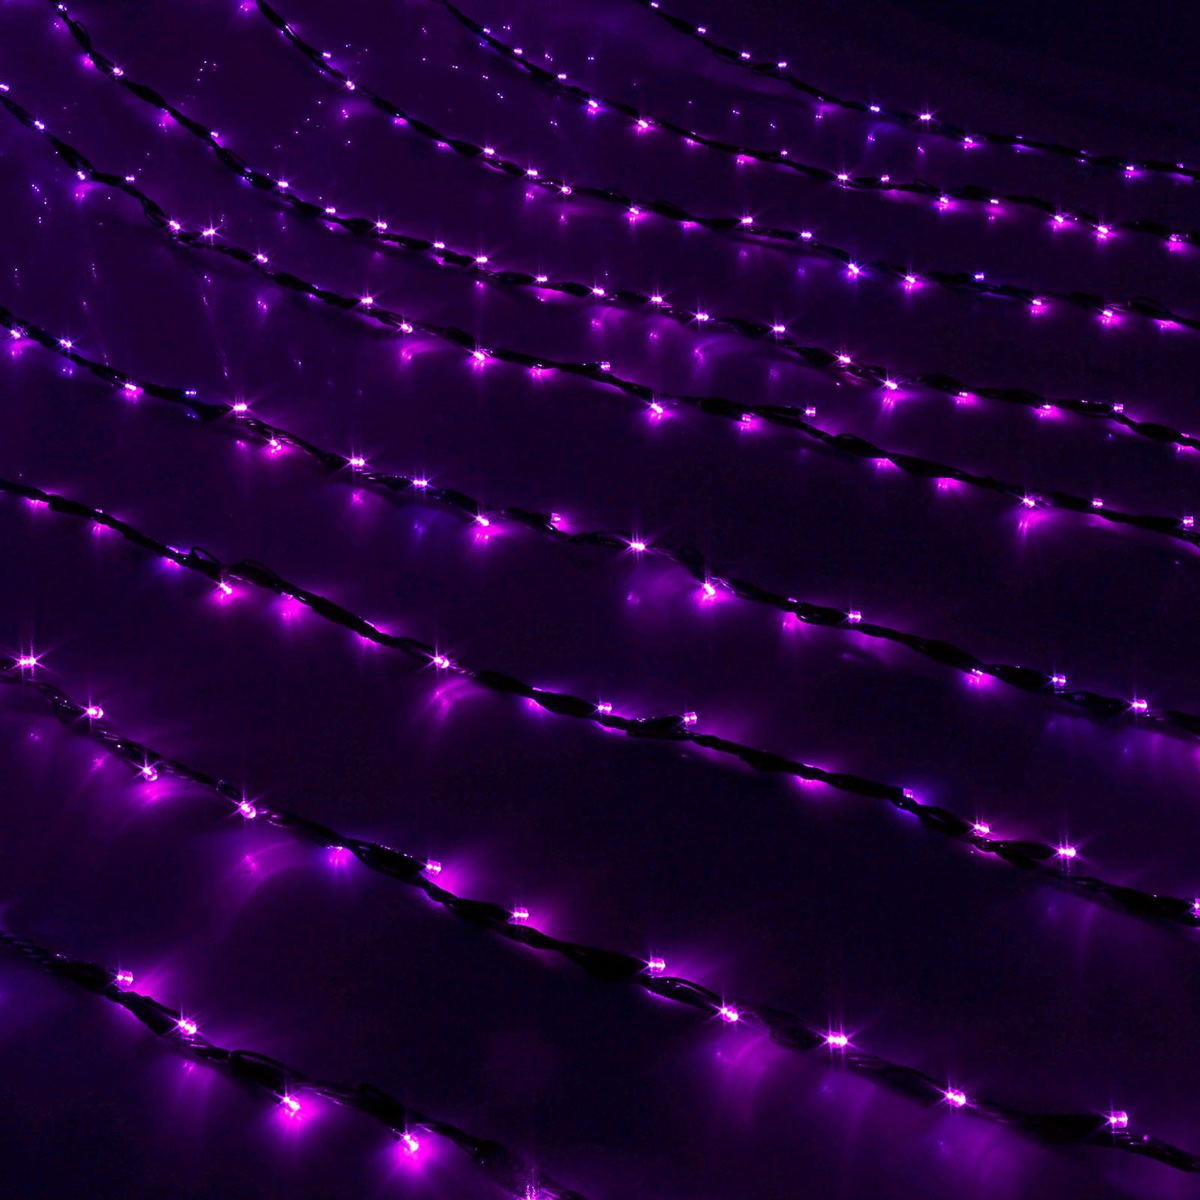 Гирлянда светодиодная Luazon Дождь, уличная, 8 режимов, 400 ламп, 220 V, цвет: фиолетовый, 2 х 1,5 м. 187297187297Гирлянда светодиодная Дождь - это отличный вариант для новогоднего оформления интерьера или фасада. С ее помощью помещение любого размера можно превратить в праздничный зал, а внешние элементы зданий, украшенные гирляндой, мгновенно станут напоминать очертания сказочного дворца. Такое украшение создаст ауру предвкушения чуда. Деревья, фасады, витрины, окна и арки будто специально созданы, чтобы вы украсили их светящимися нитями.